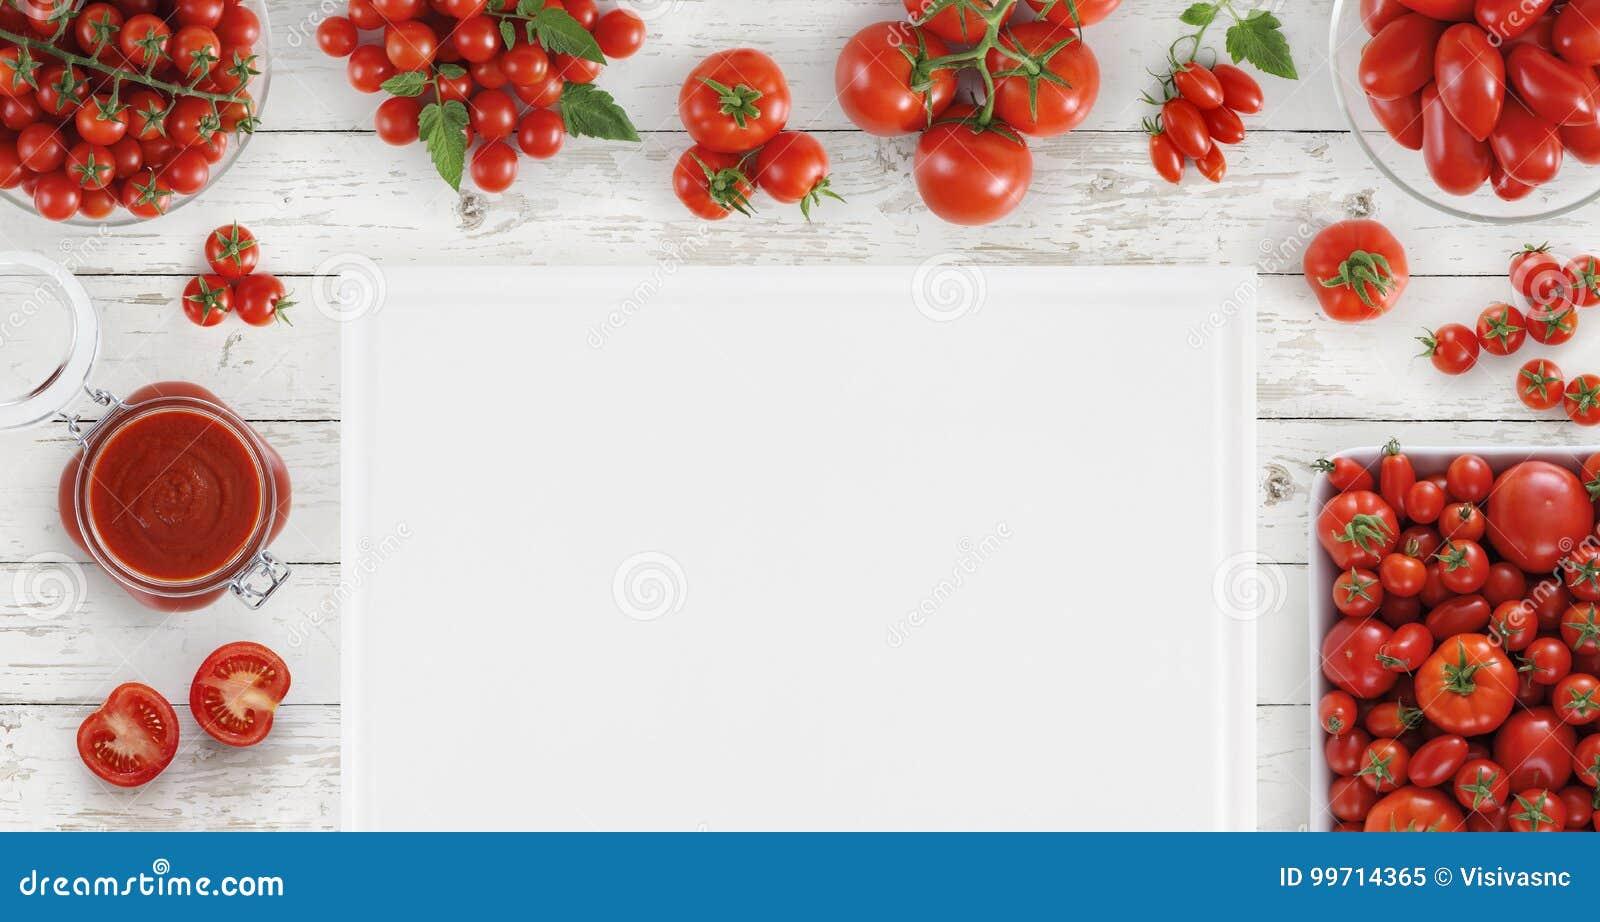 上面食物用许多新鲜的蕃茄、调味汁和空白的切口蟒蛇